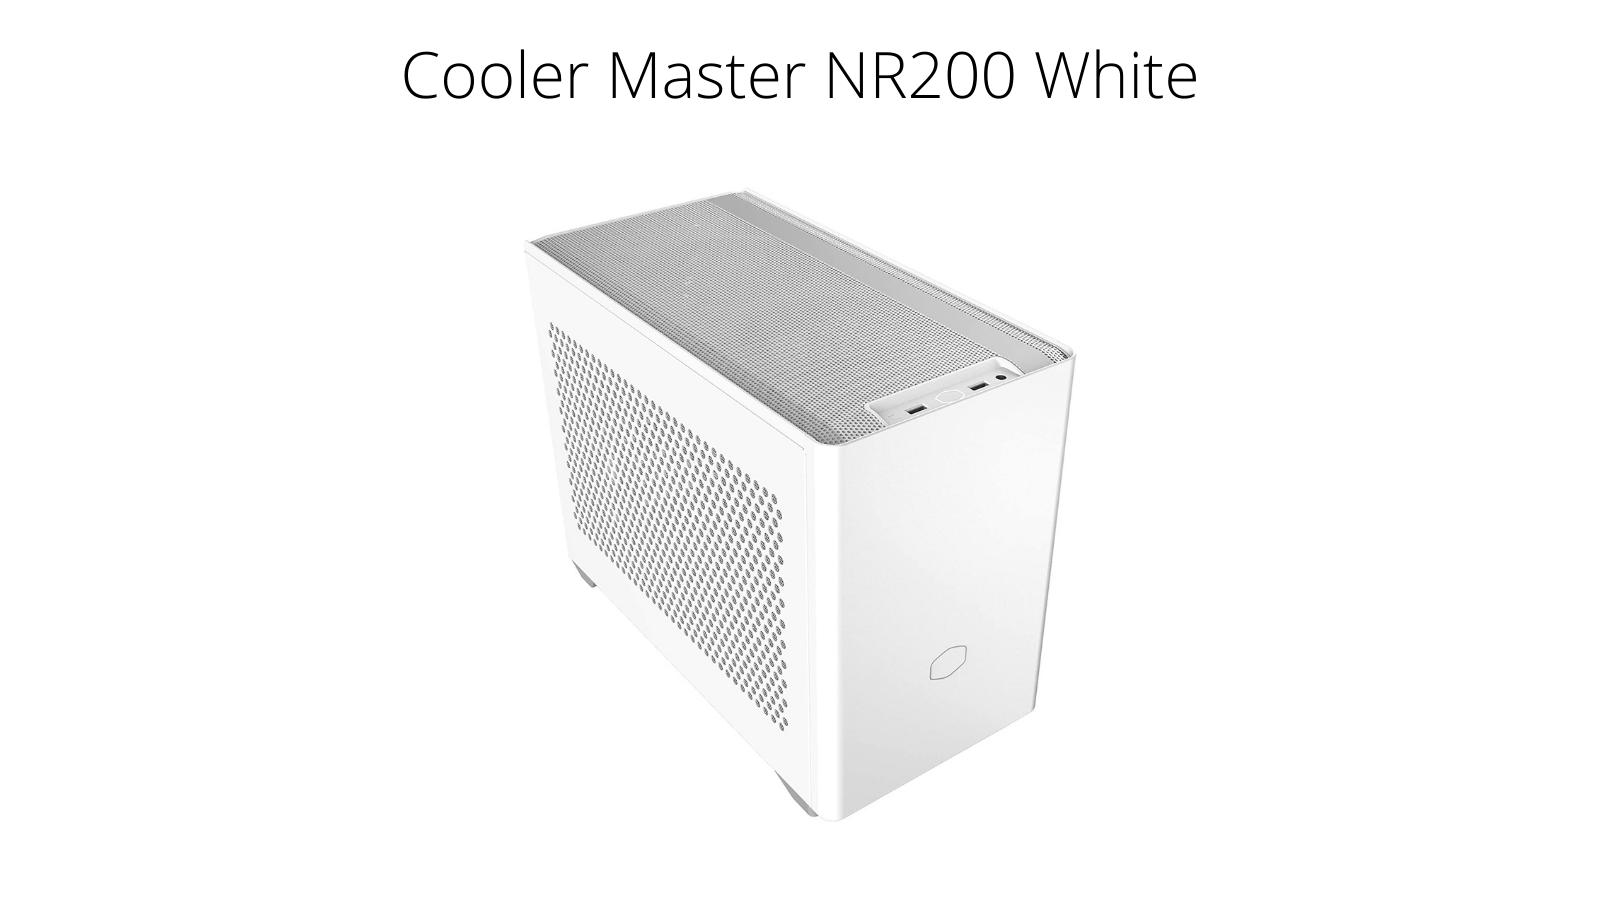 Cooler Master NR200 White